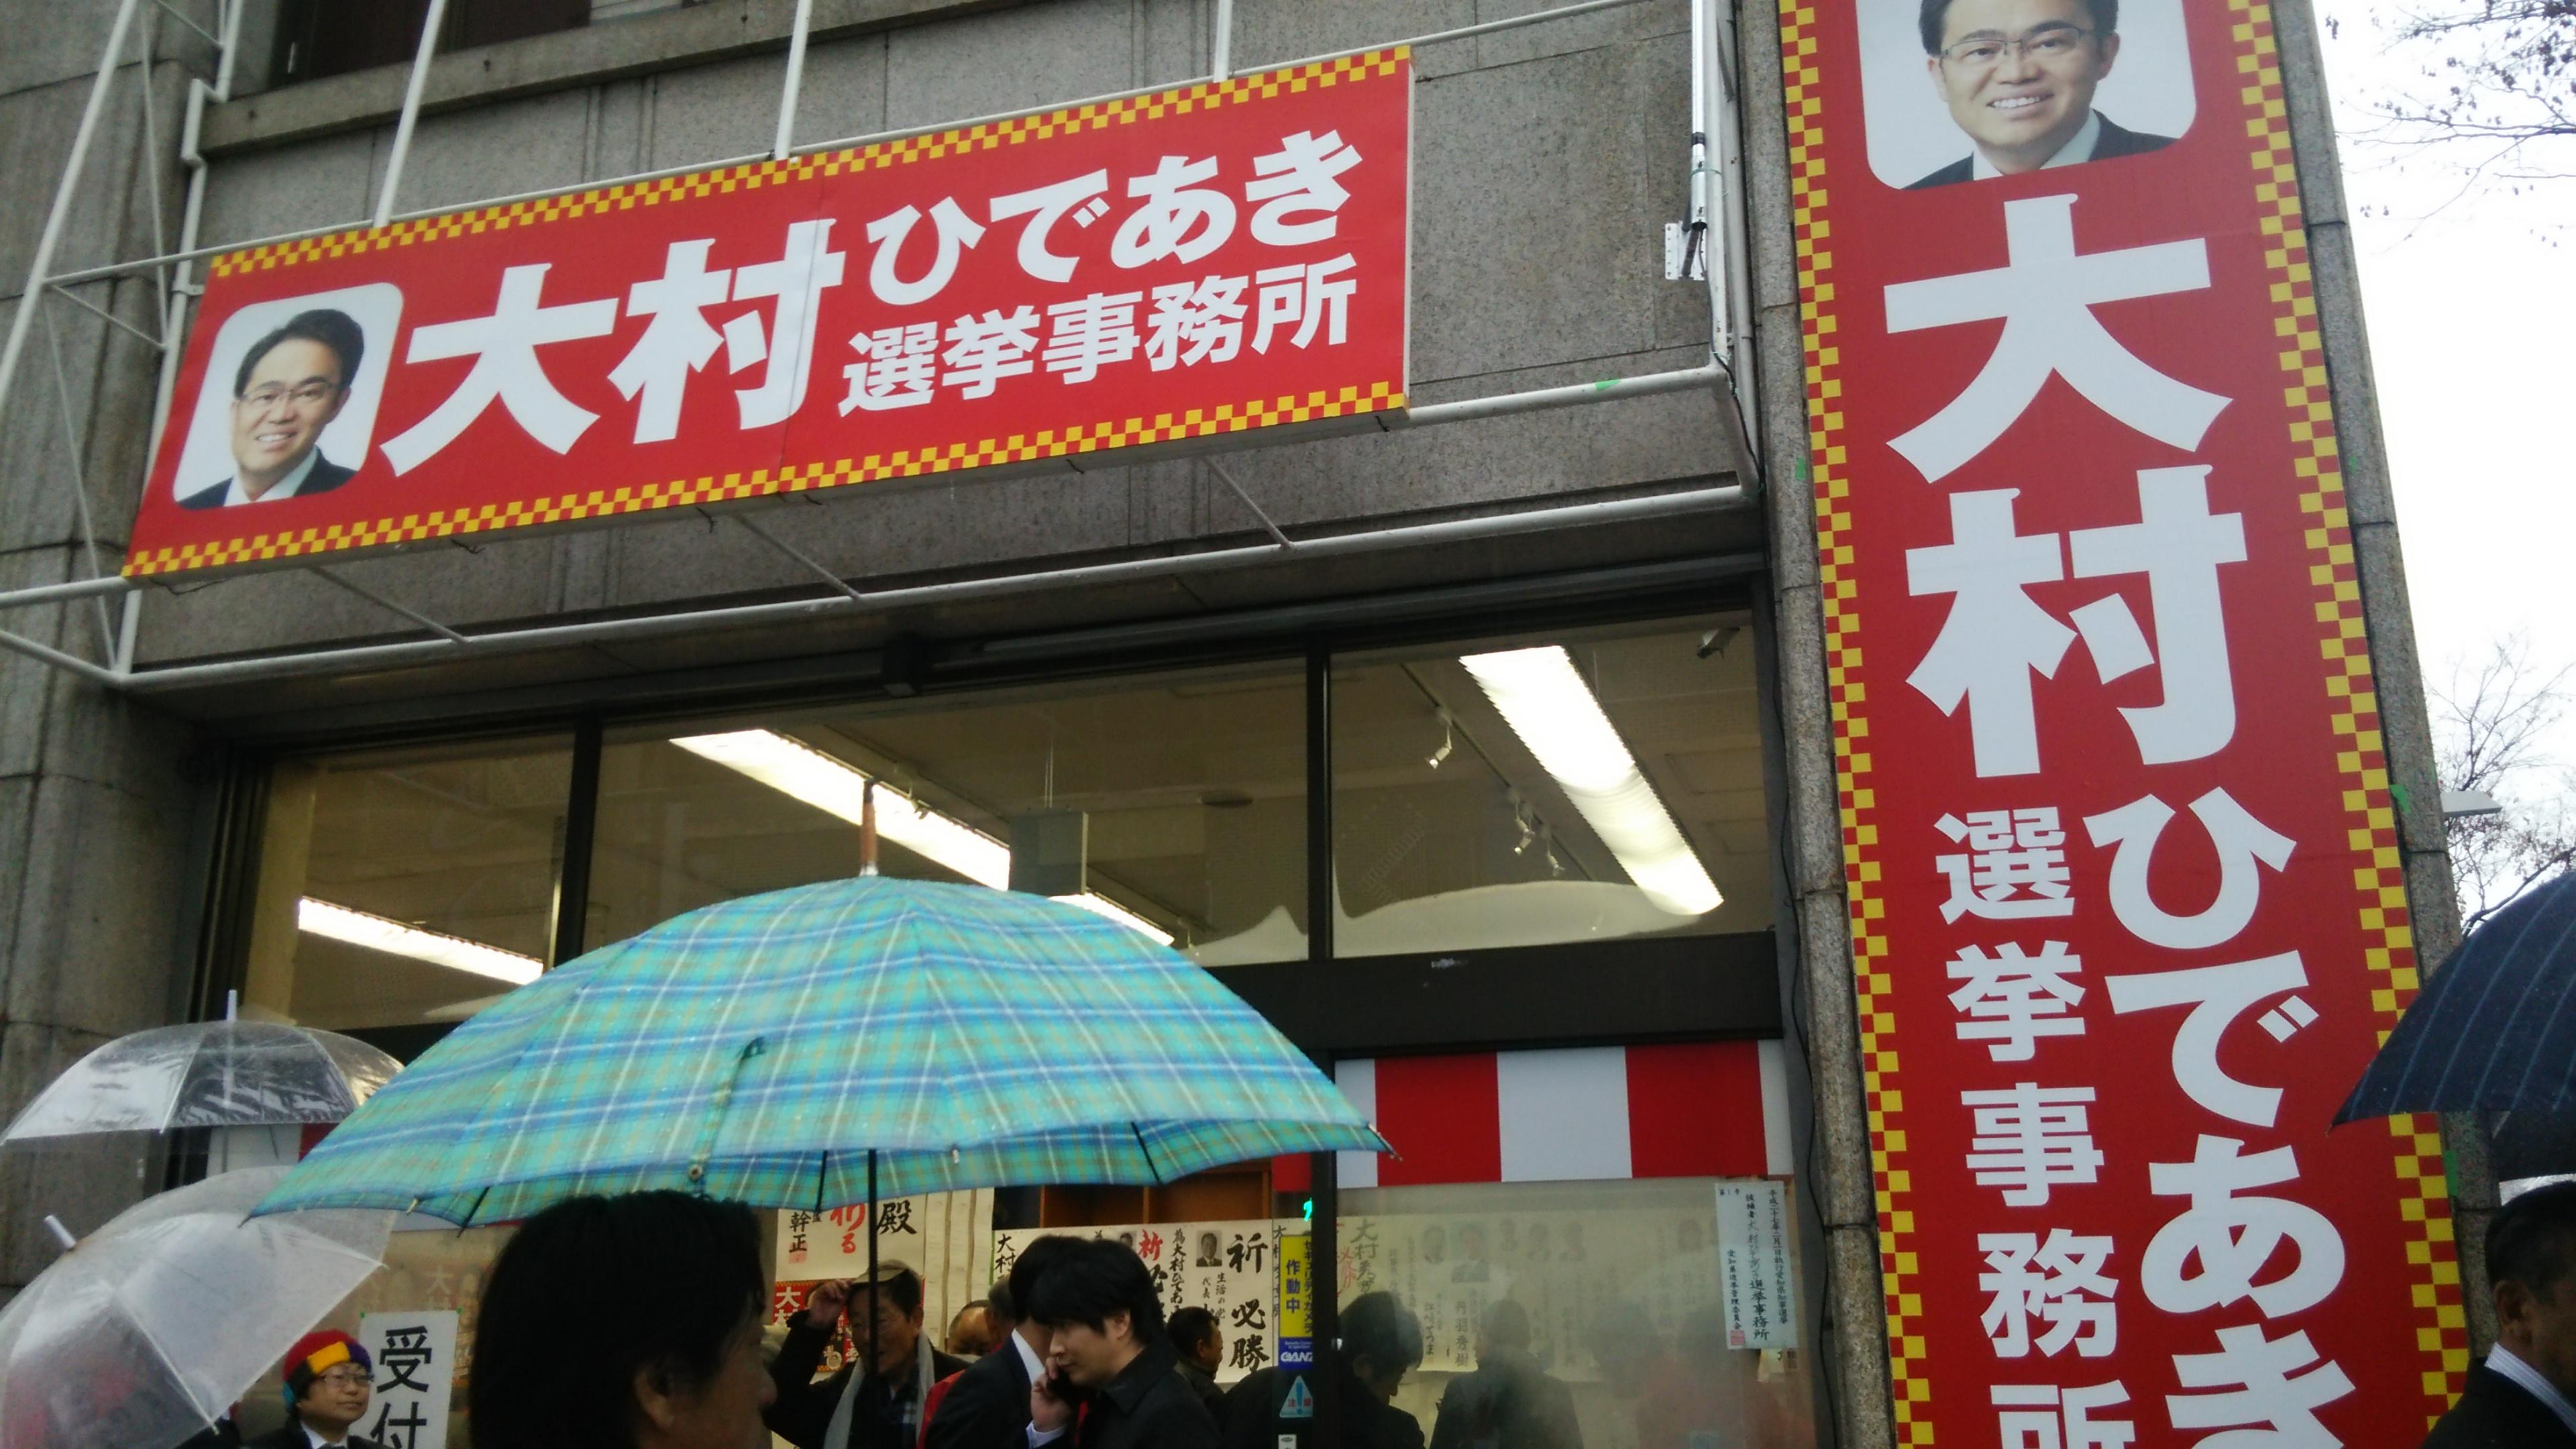 2015年愛知県知事選挙